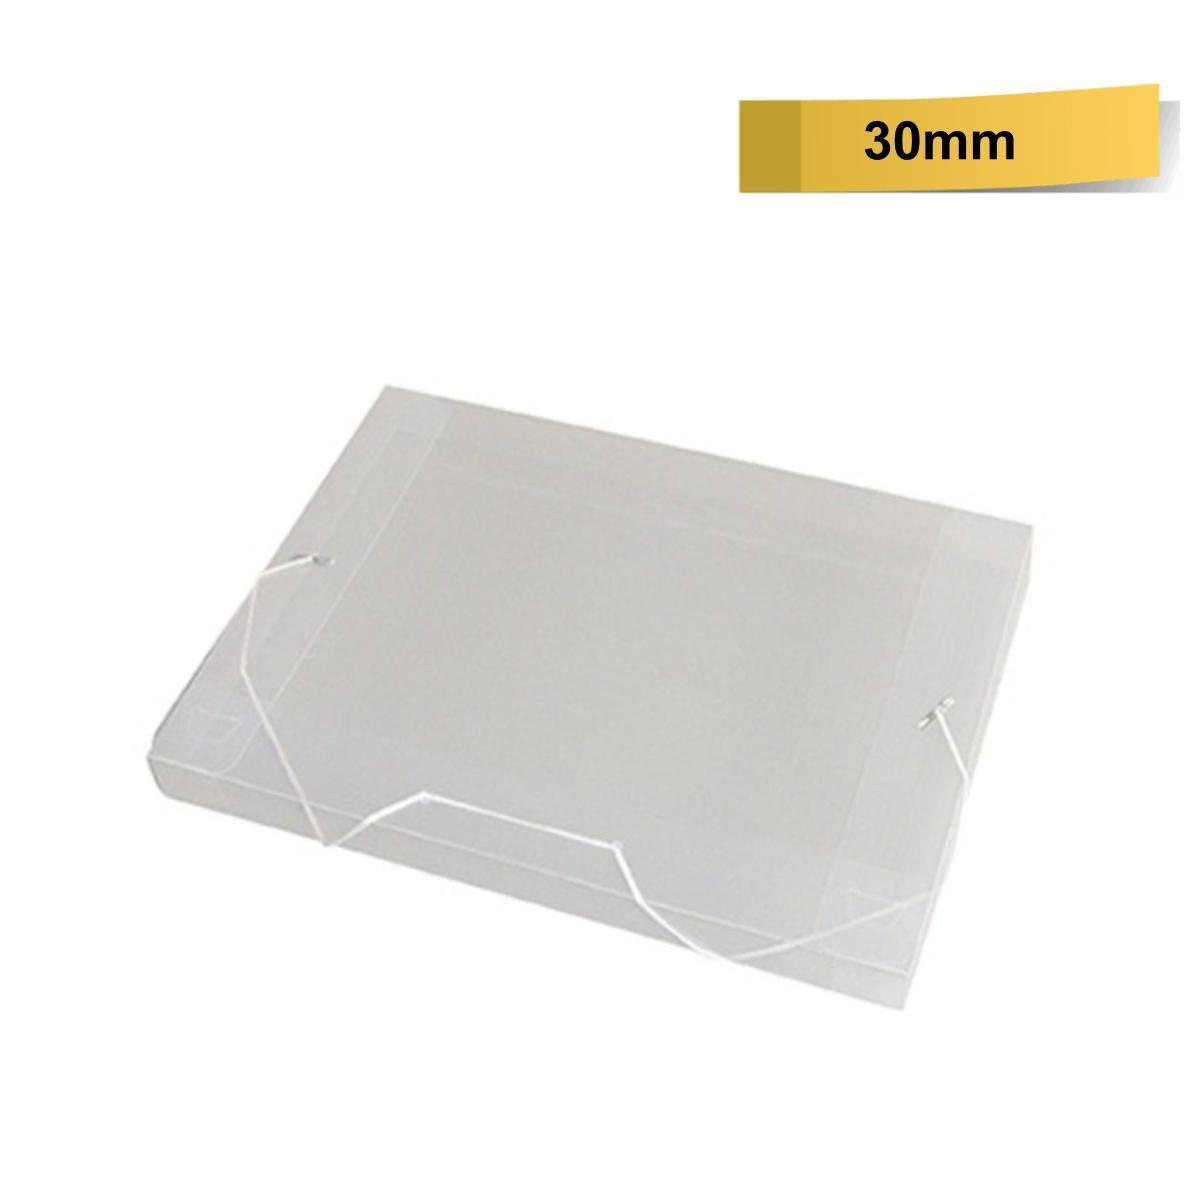 Pasta Plástica Oficio 30mm